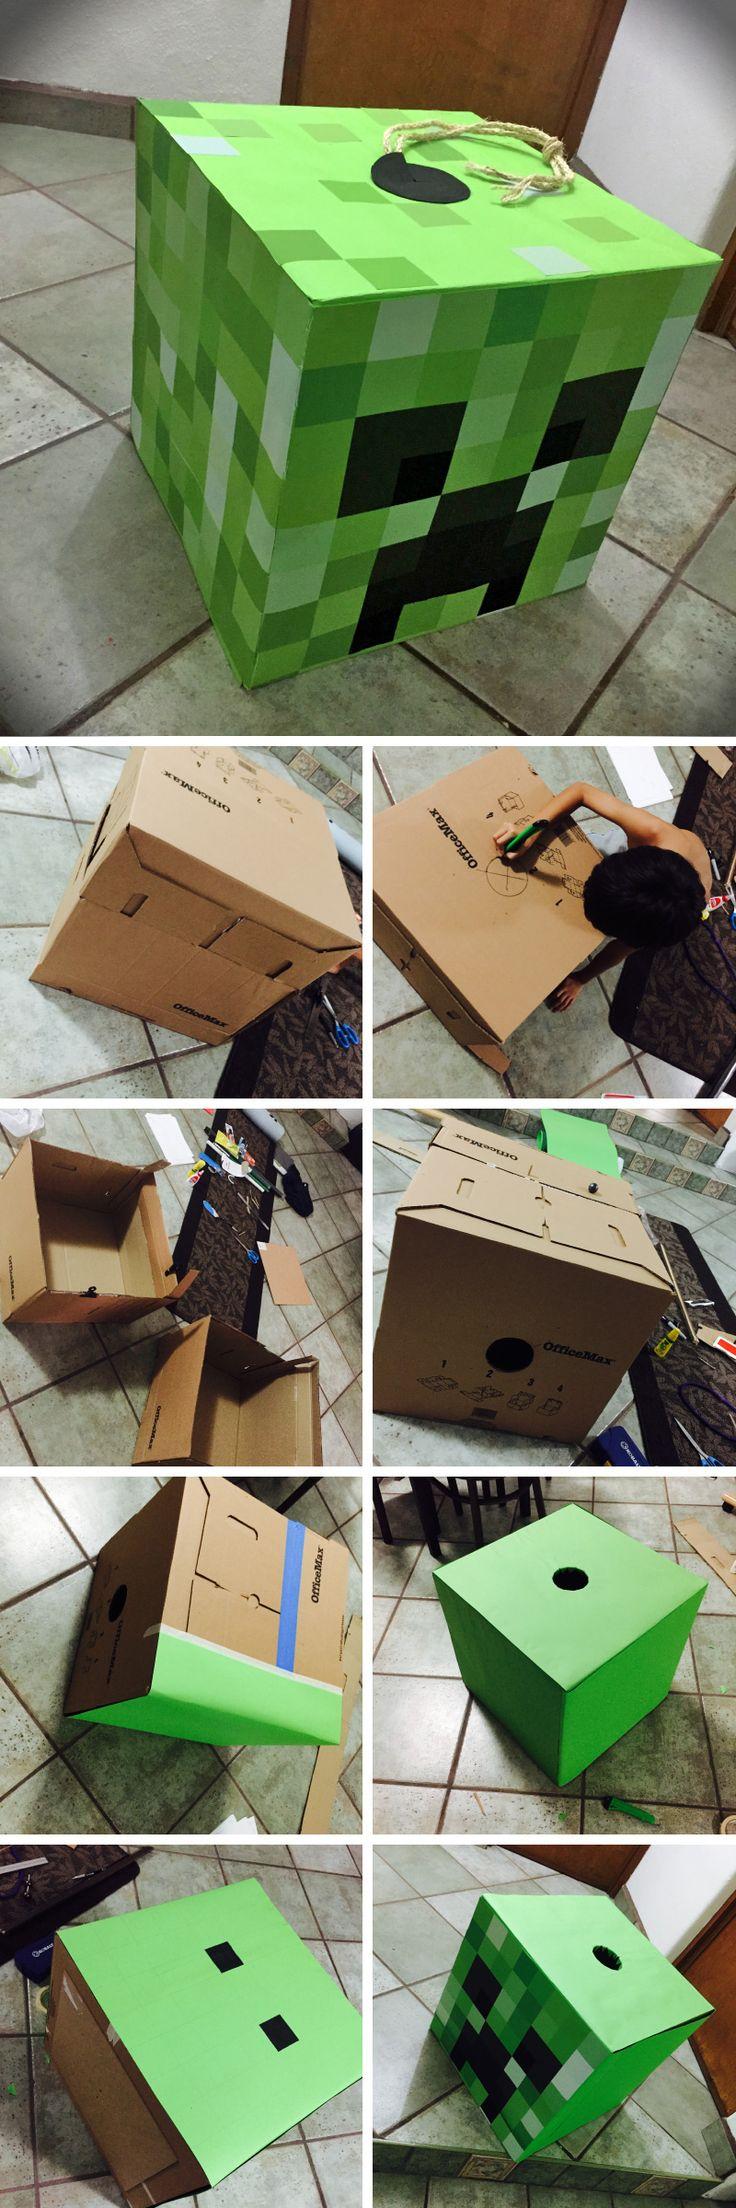 Piñata de creeper de Minecraft #homemade #diy #minecraft #piñata